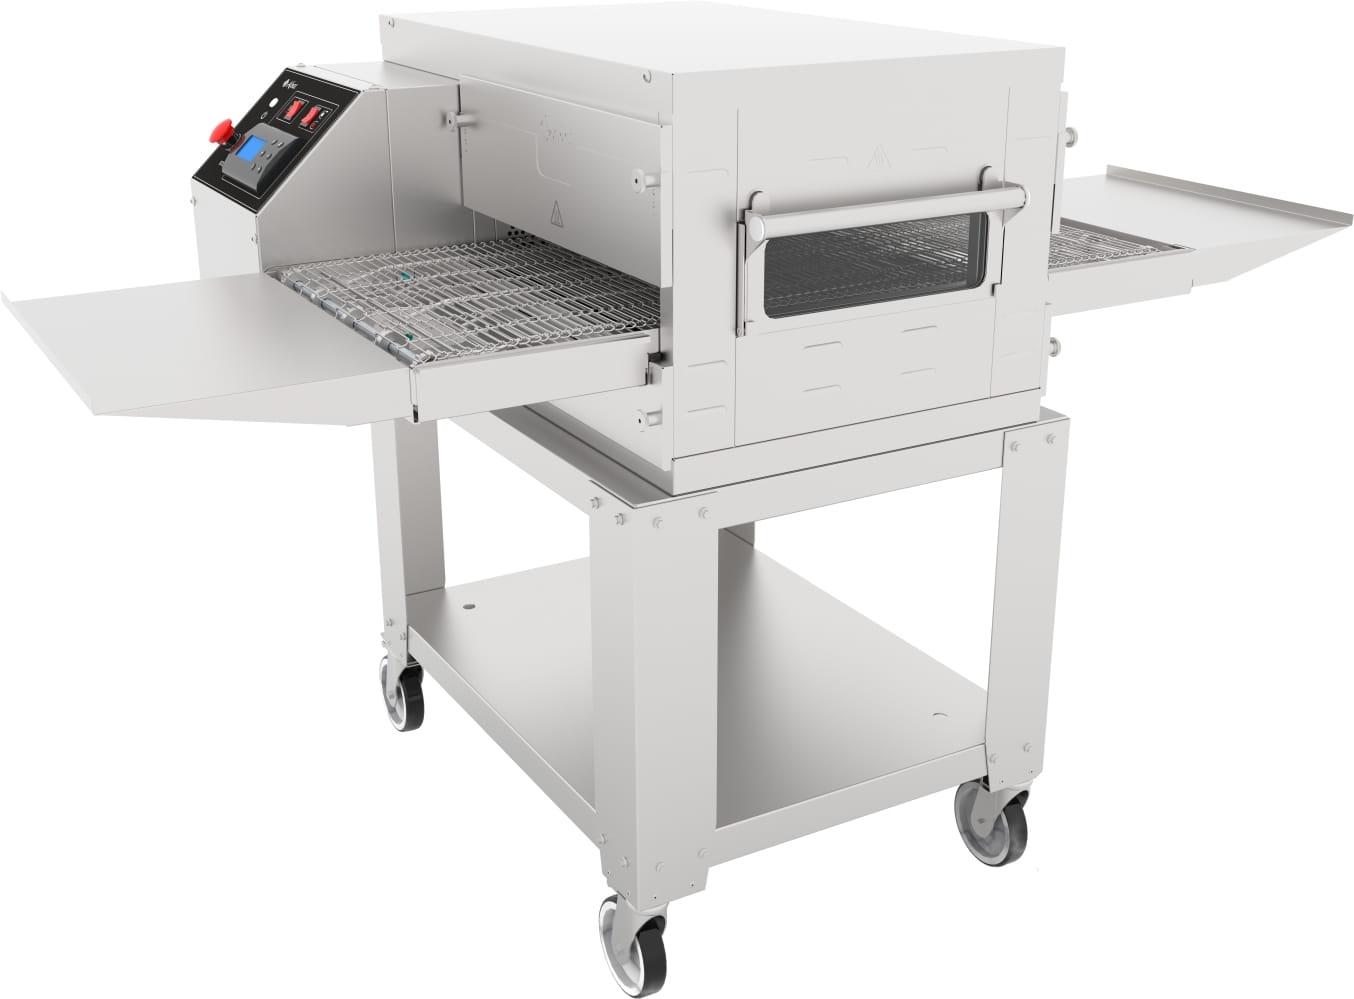 Печь для пиццы ABATПЭК-400 с дверцей - 1